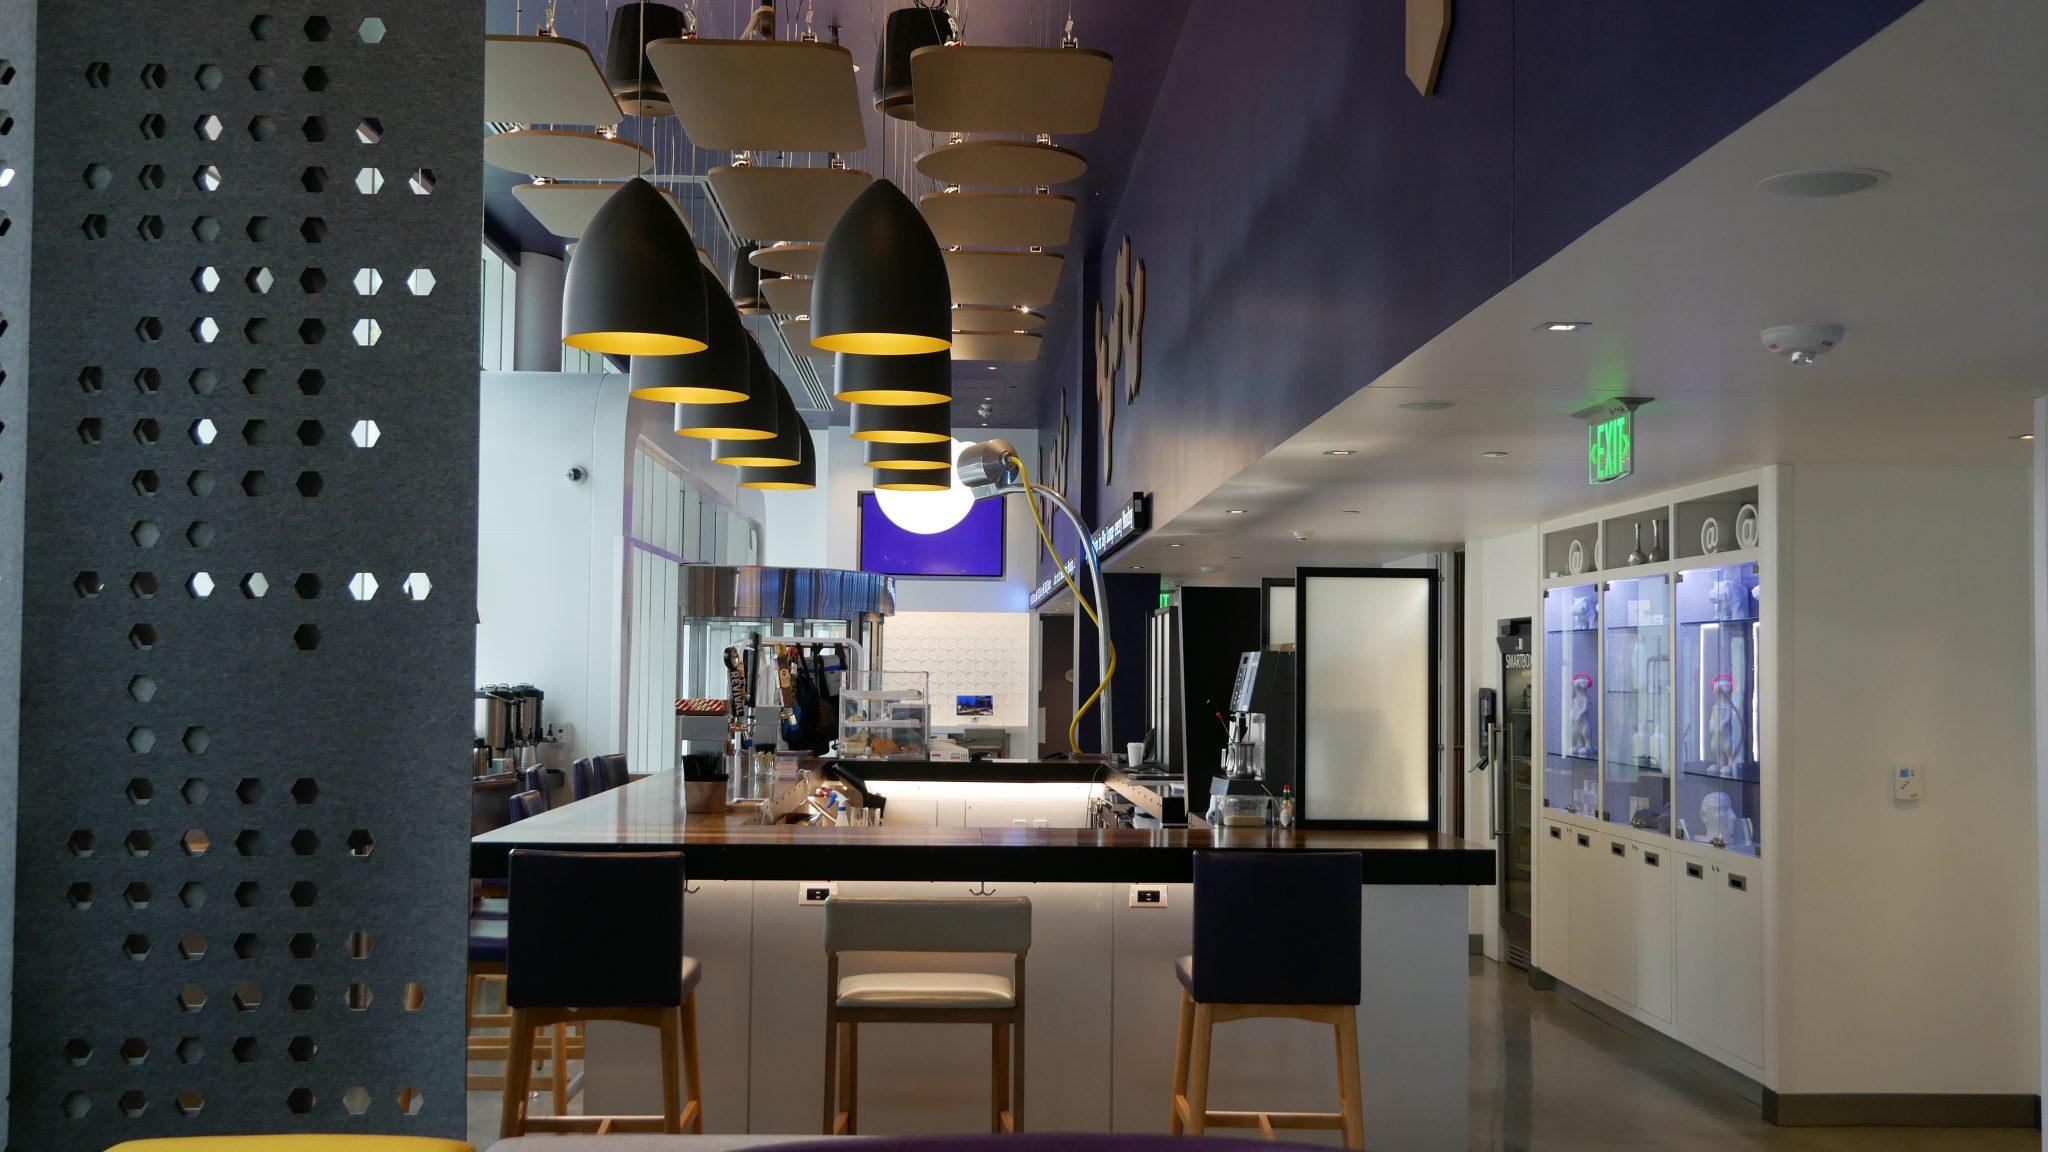 club lounge yotel boston fittwotravel.com